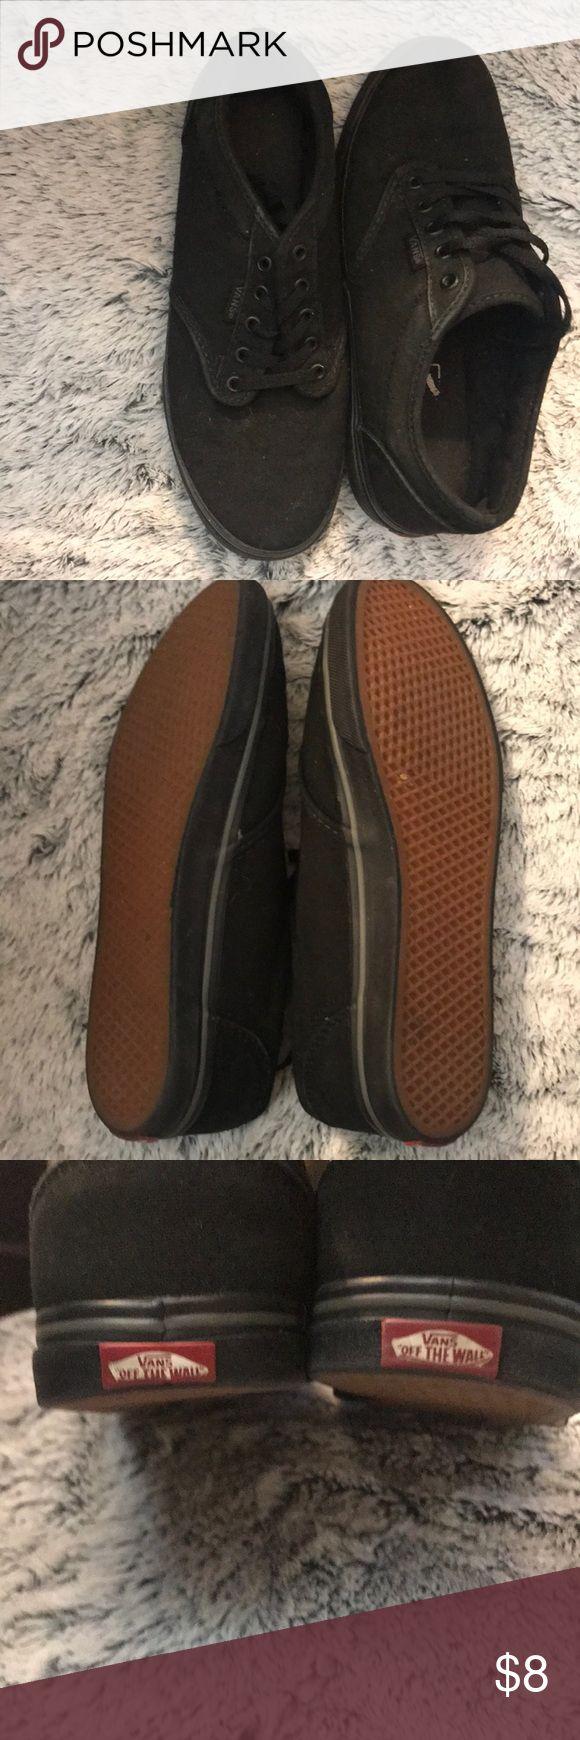 Black vans Plain black vans gently used Vans Shoes Sneakers